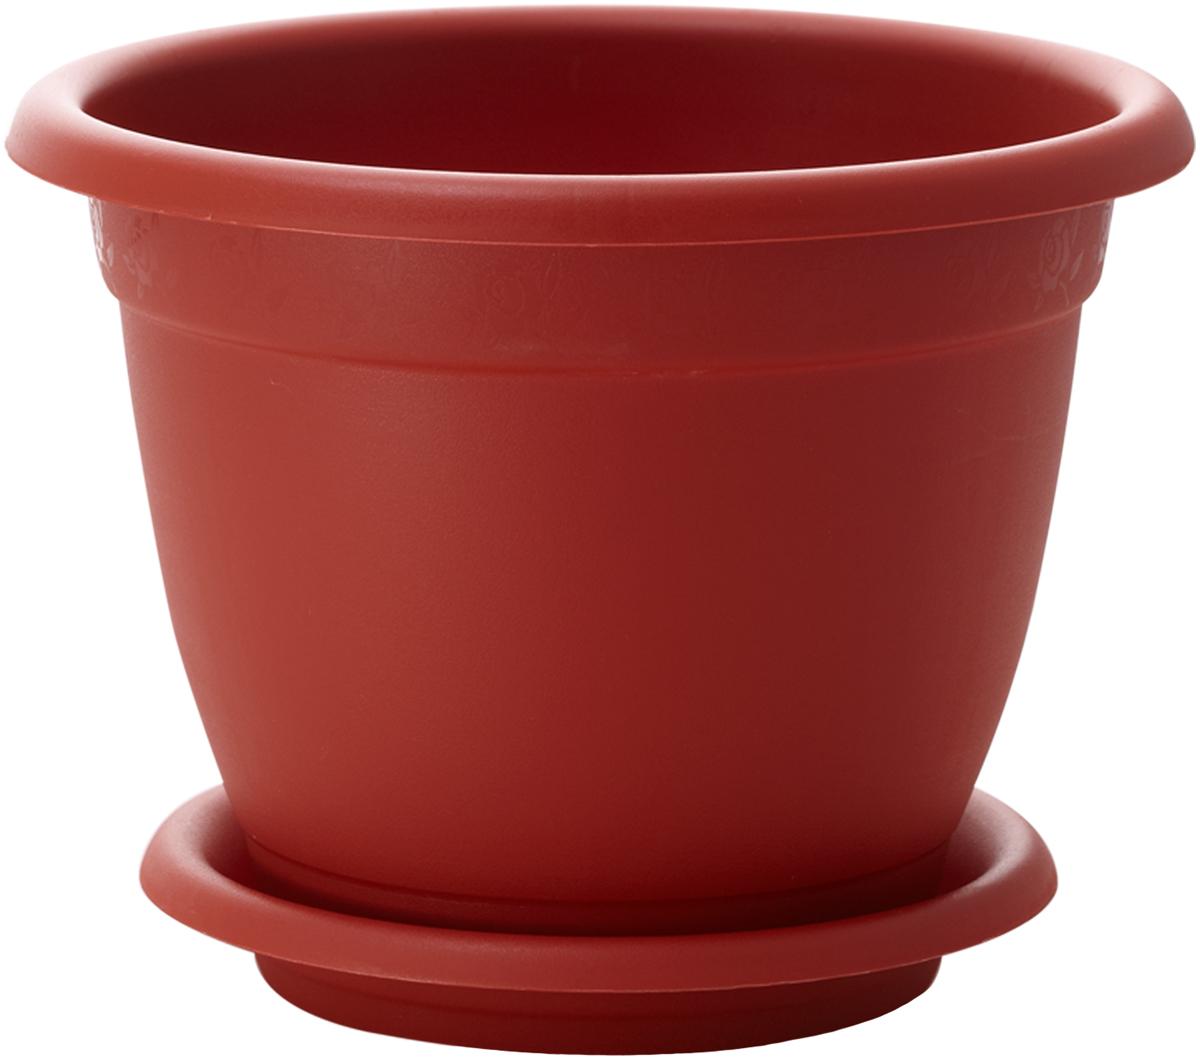 Горшок для цветов InGreen Борнео, с поддоном, цвет: терракотовый, диаметр 19 смING42019FТРГоршок InGreen Борнео выполнен из высококачественного полипропилена (пластика) и предназначен для выращивания цветов, растений и трав. Снабжен поддоном для стока воды. Такой горшок порадует вас функциональностью, а благодаря лаконичному дизайну впишется в любой интерьер помещения. Диаметр горшка (по верхнему краю): 19 см. Высота горшка: 15,5 см. Диаметр поддона: 15 см.